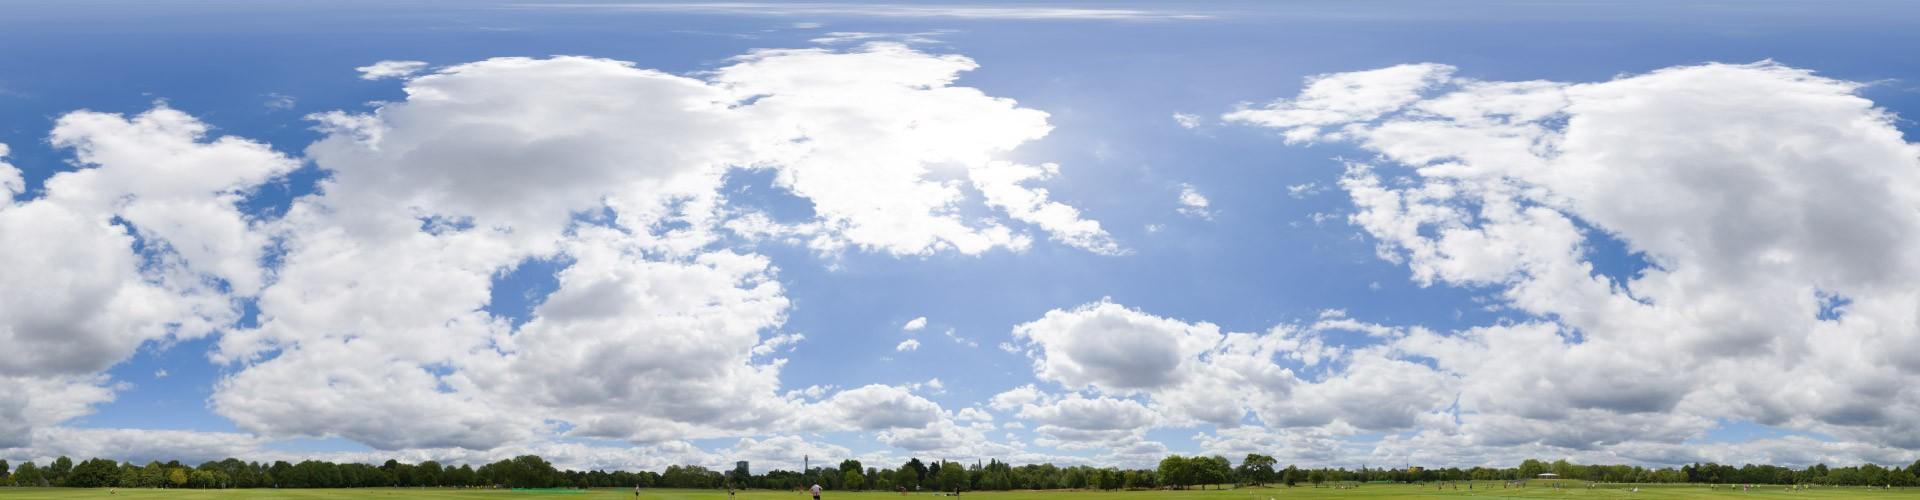 Sunny Clouds 6953 (30k) HDRI